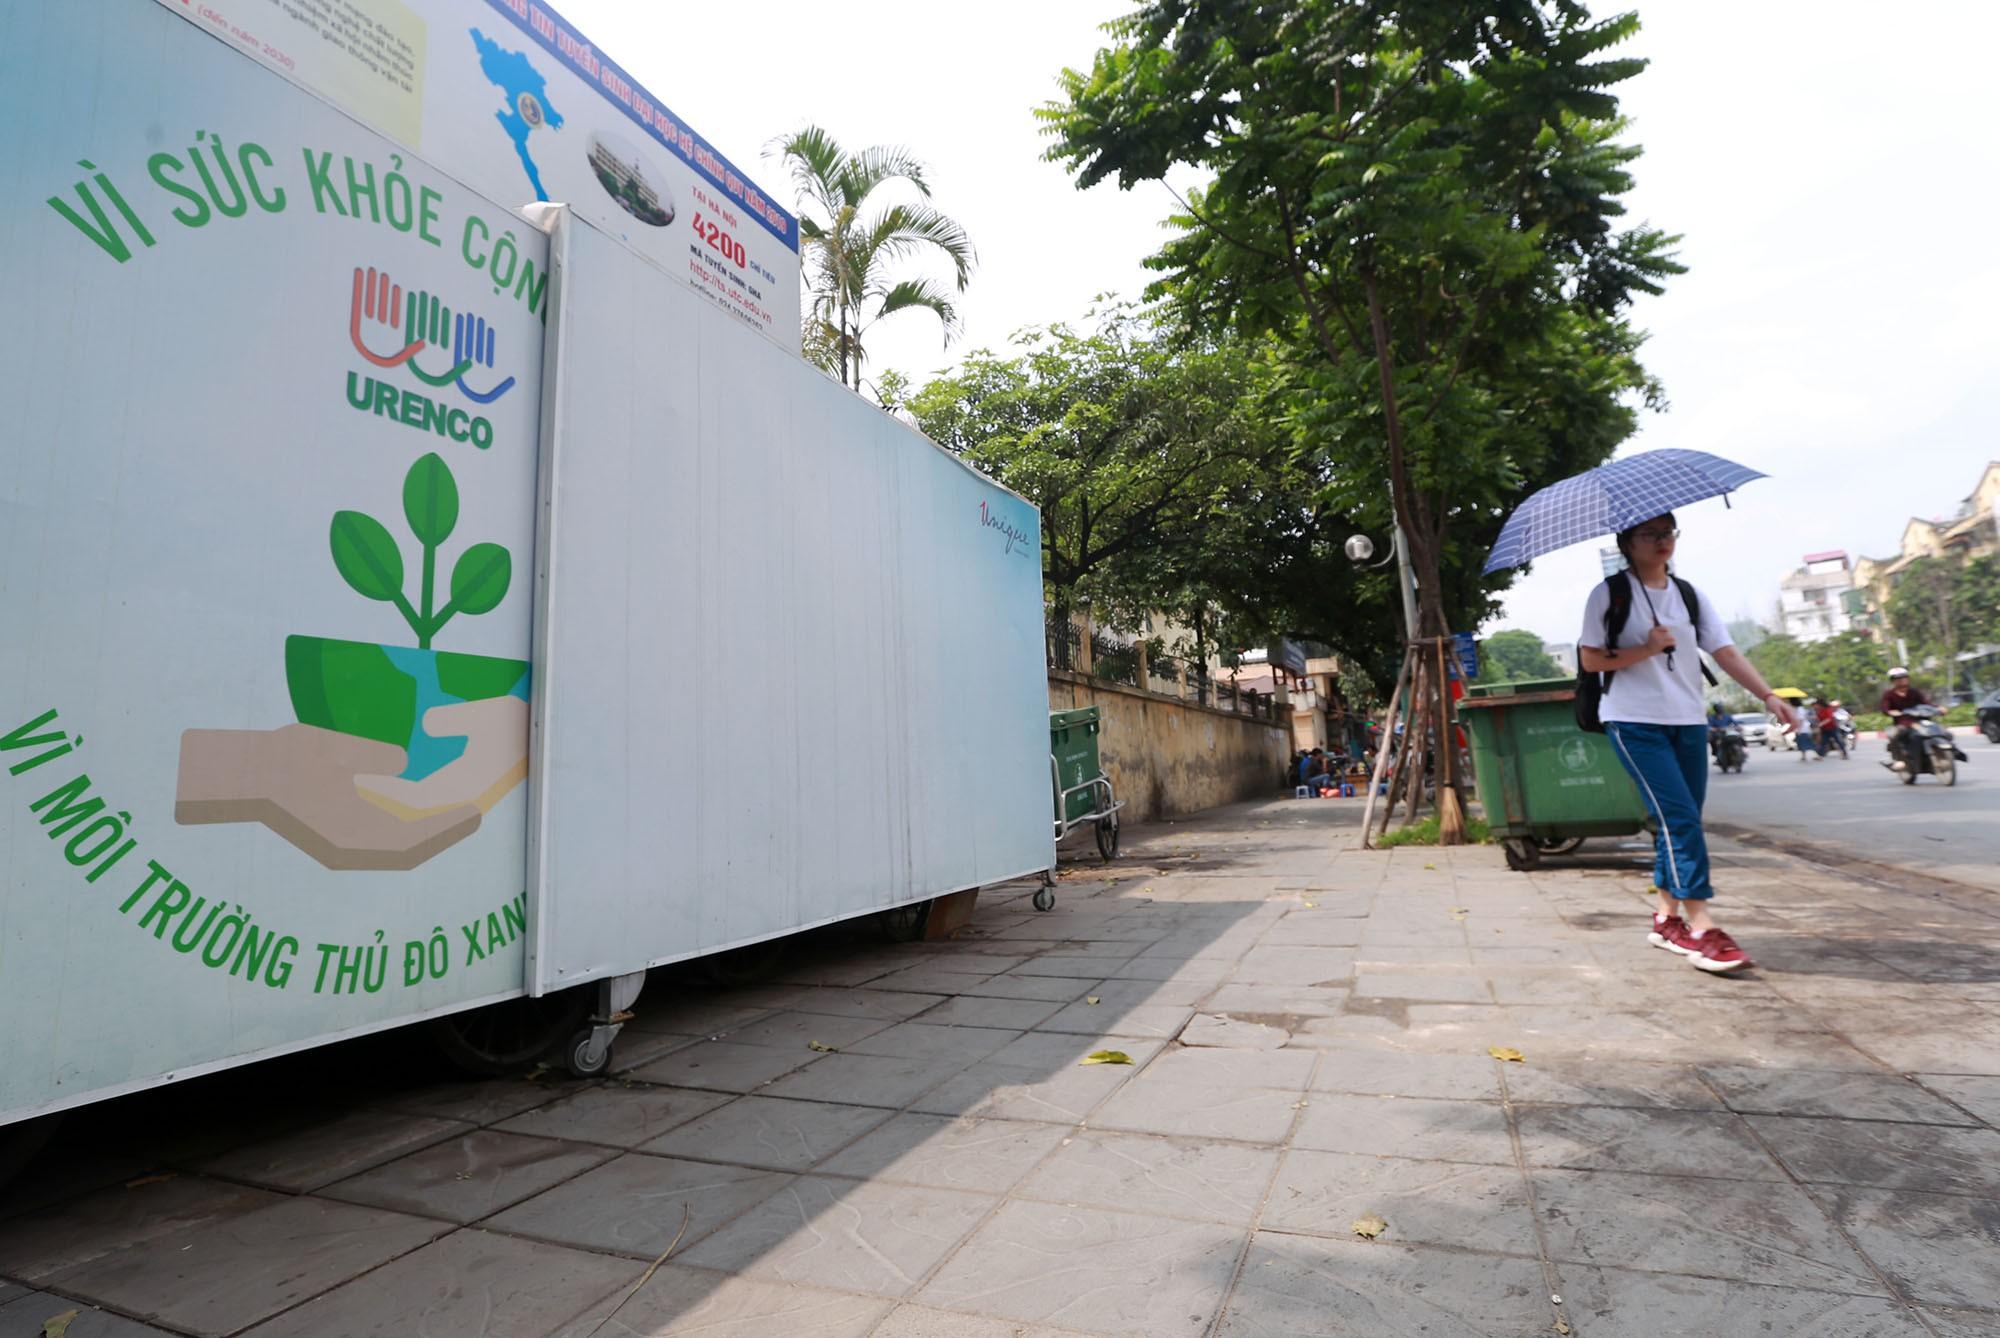 Hà Nội: Nhiều tuyến đường trang bị nhà ở di động cho xe đẩy rác - Ảnh 11.